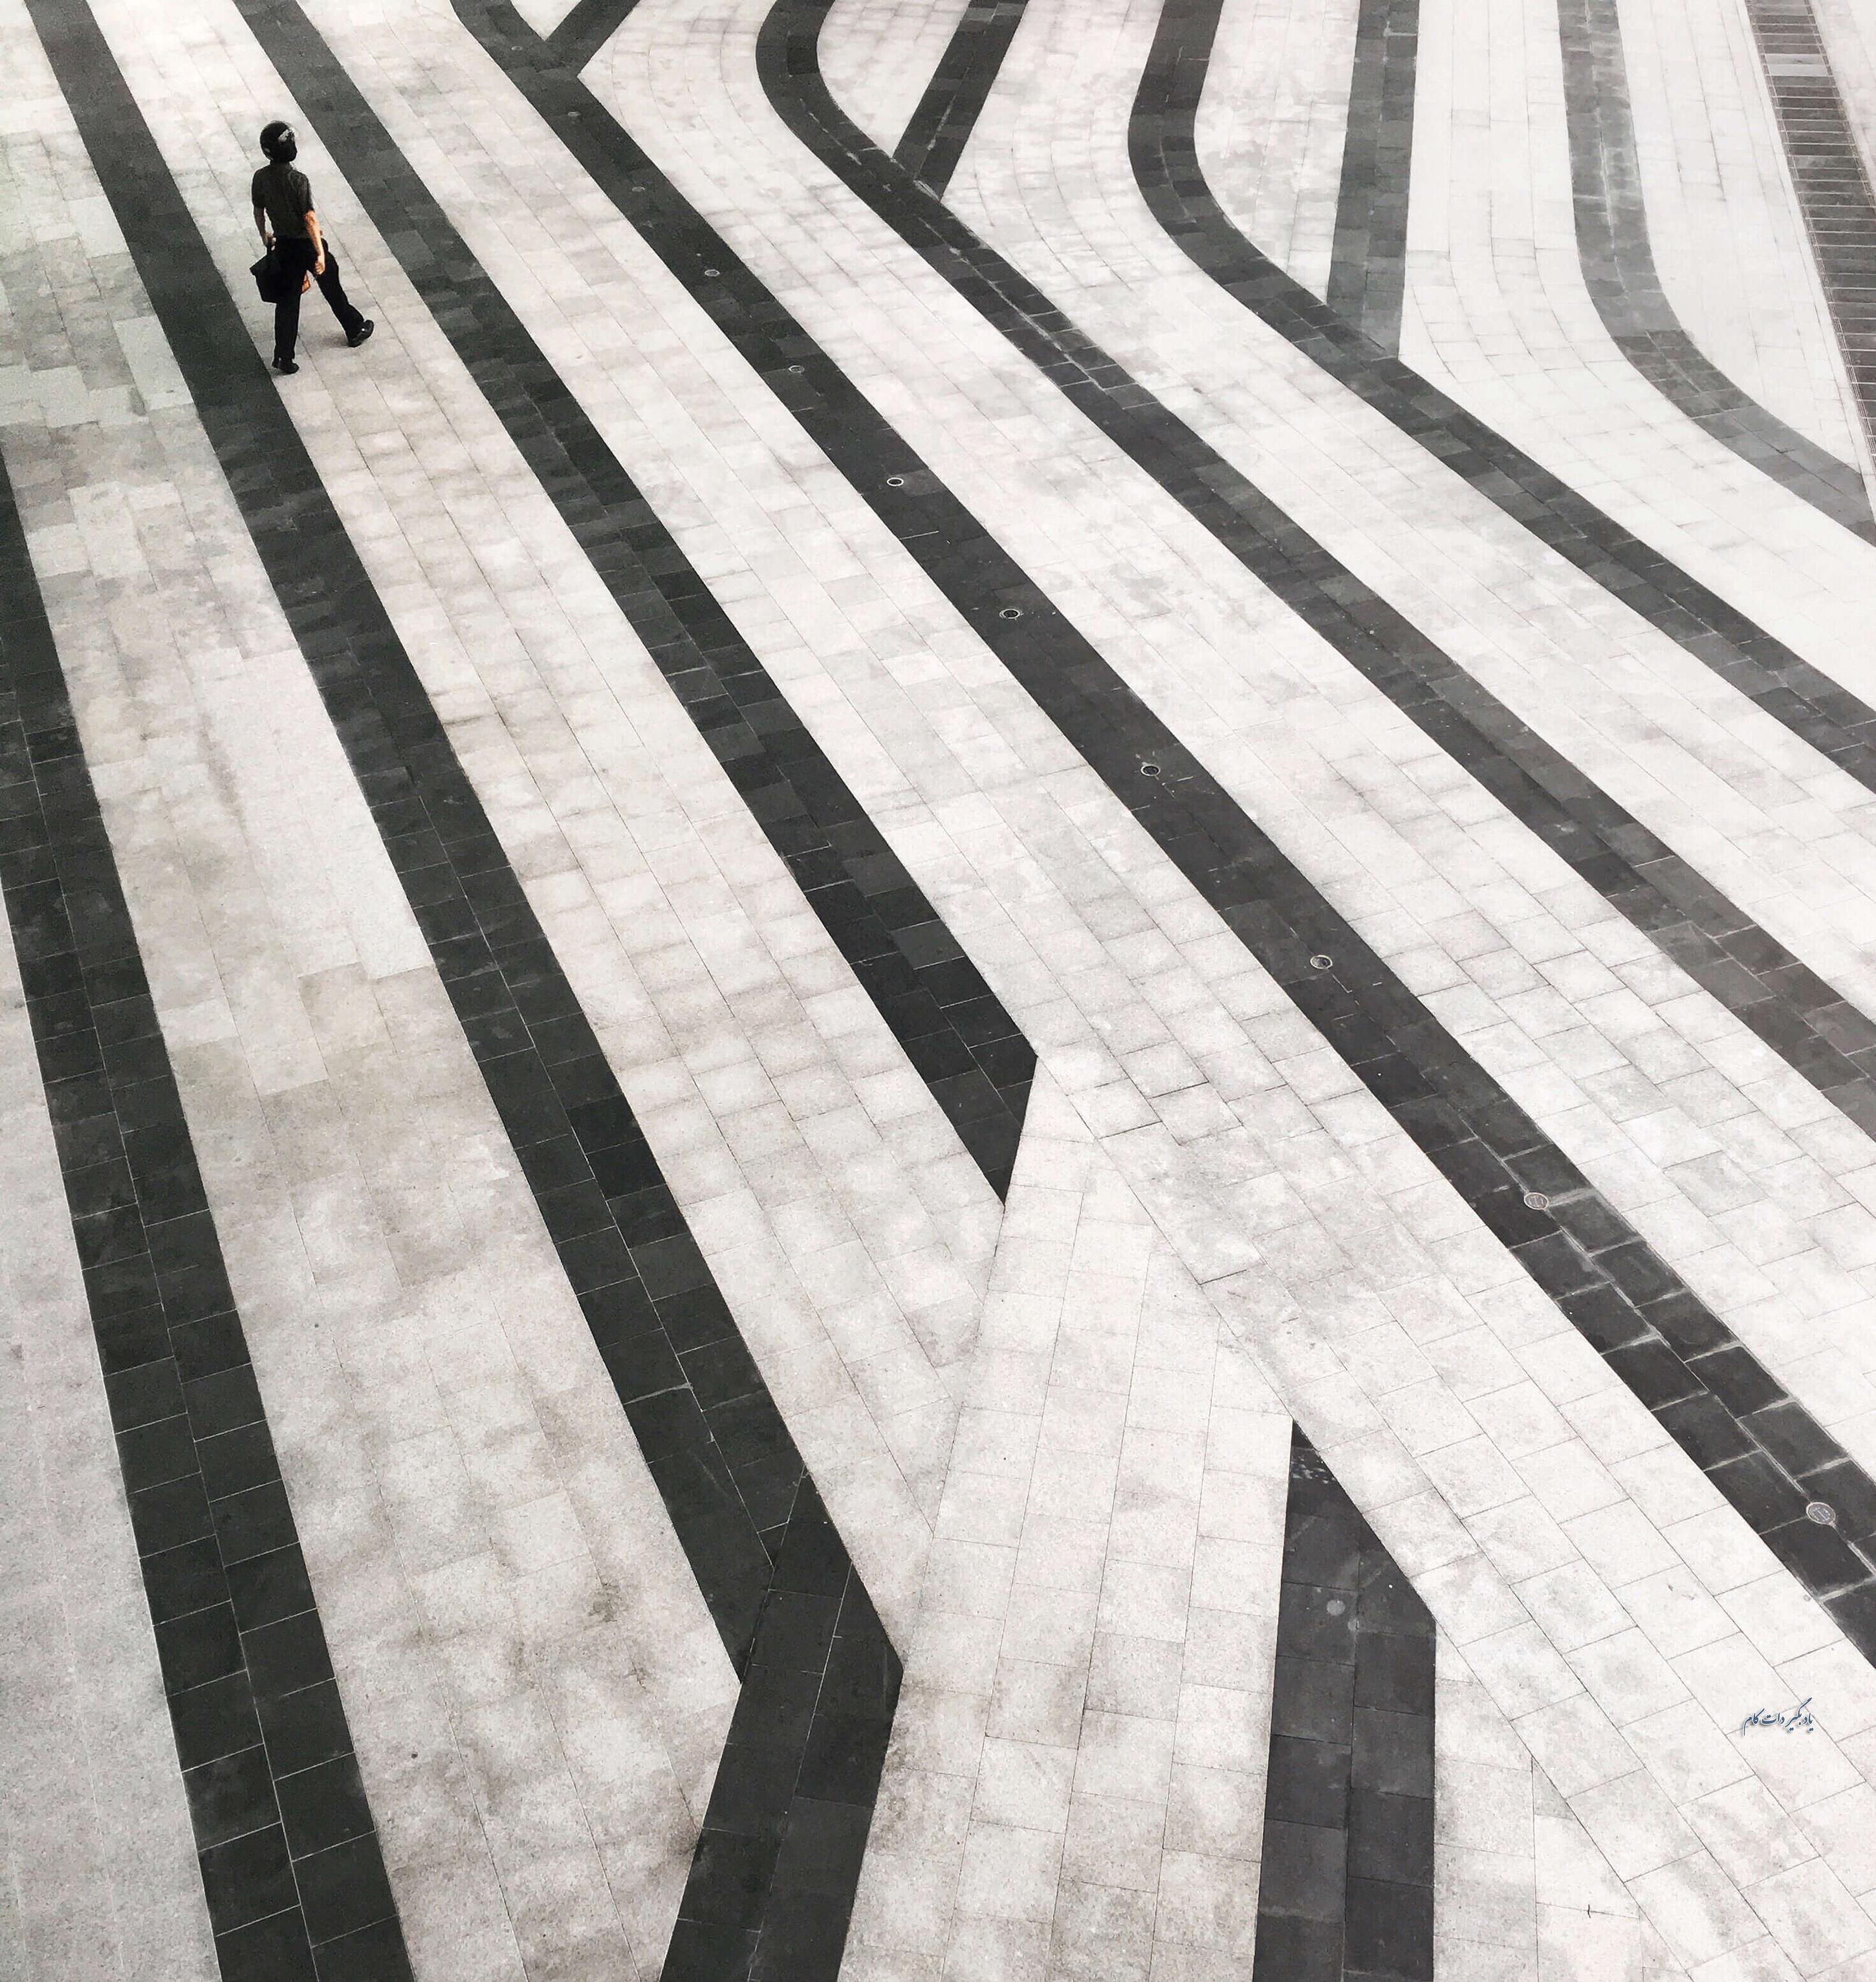 خطوط راهنما در عکاسی موبایل